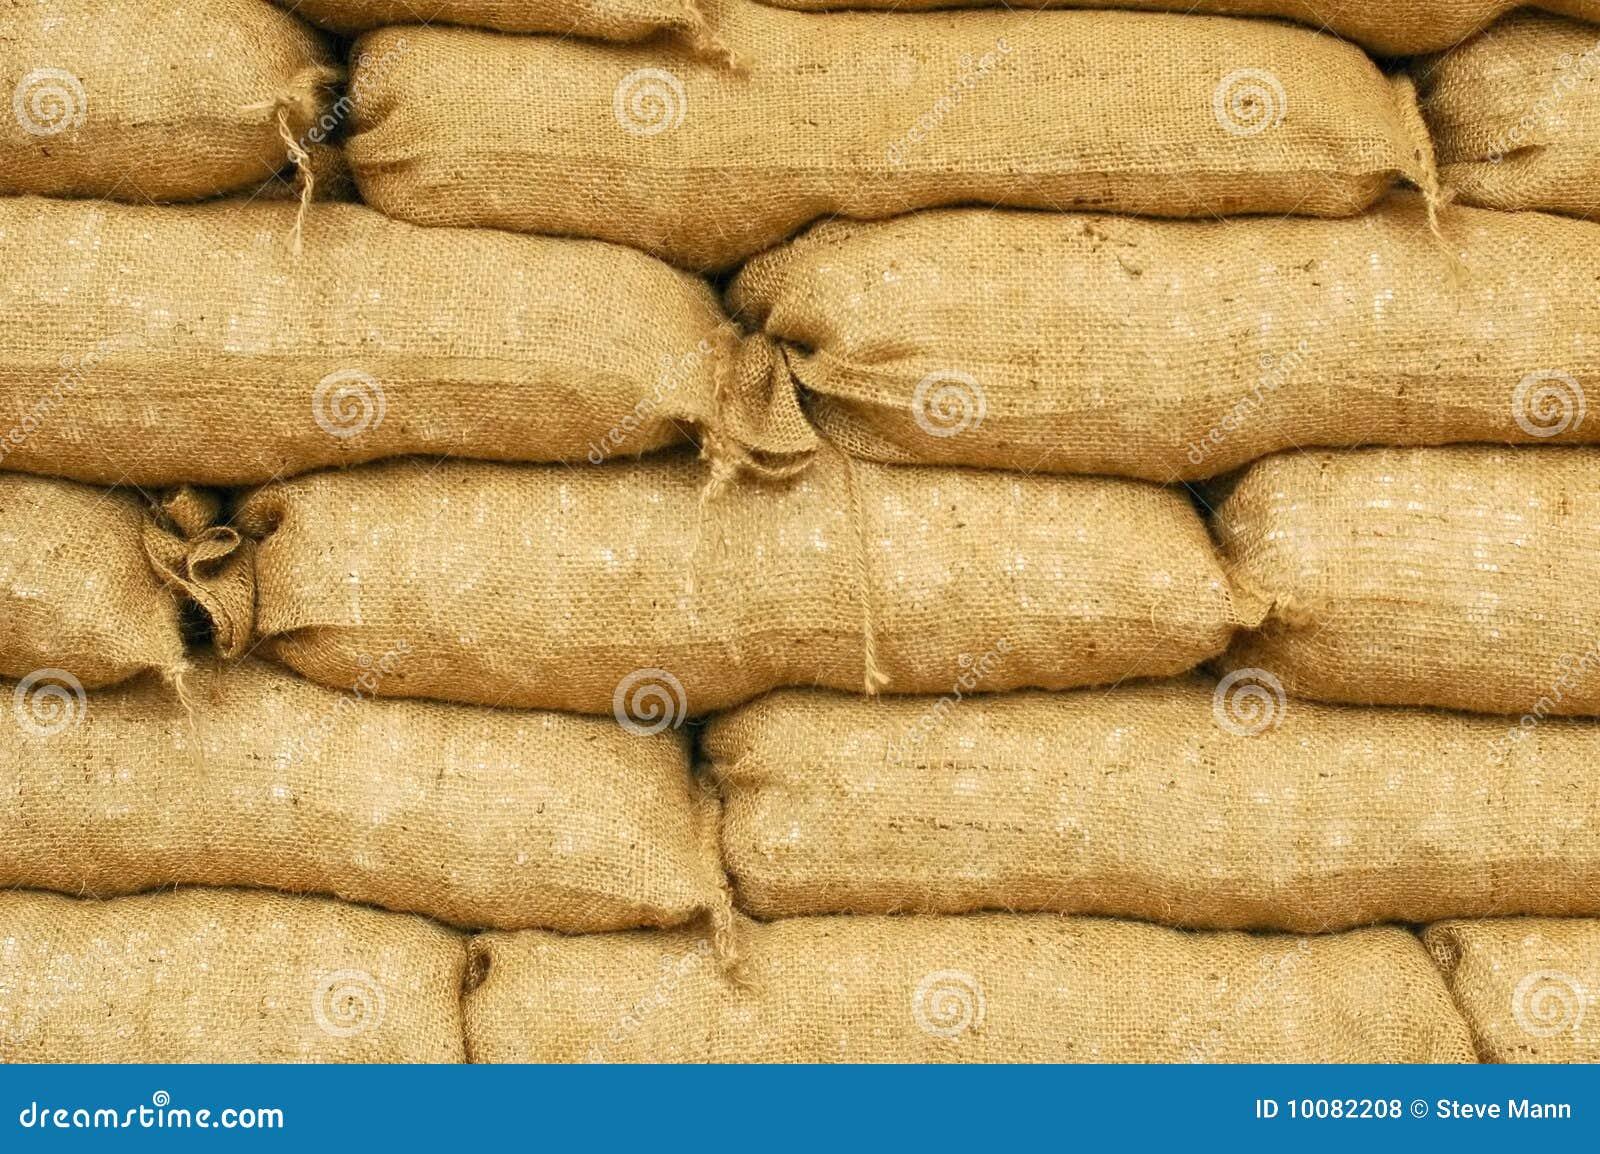 Sacs de sable photos libres de droits image 10082208 - Sac de sable inondation ...